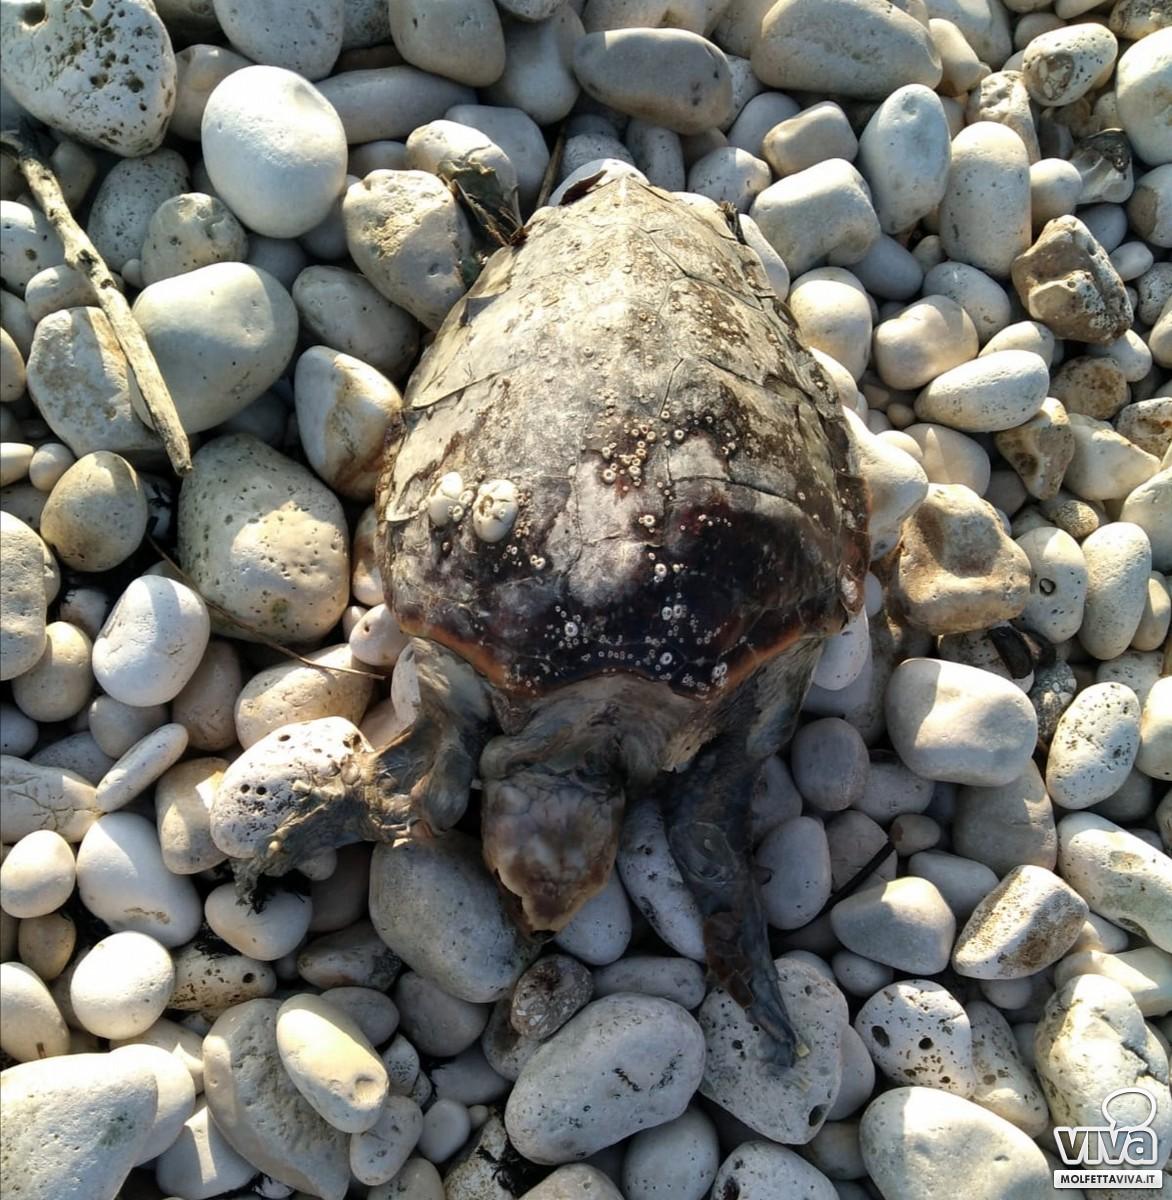 Una delle tartarughe rinvenute a Molfetta